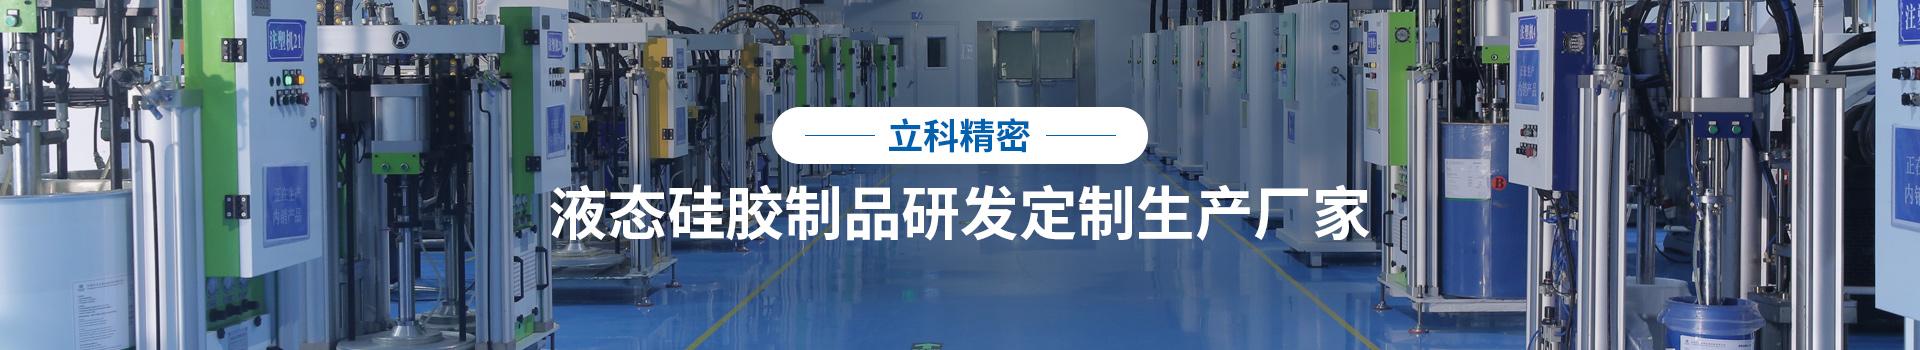 立科精密-液态硅胶制品研发定制生产厂家